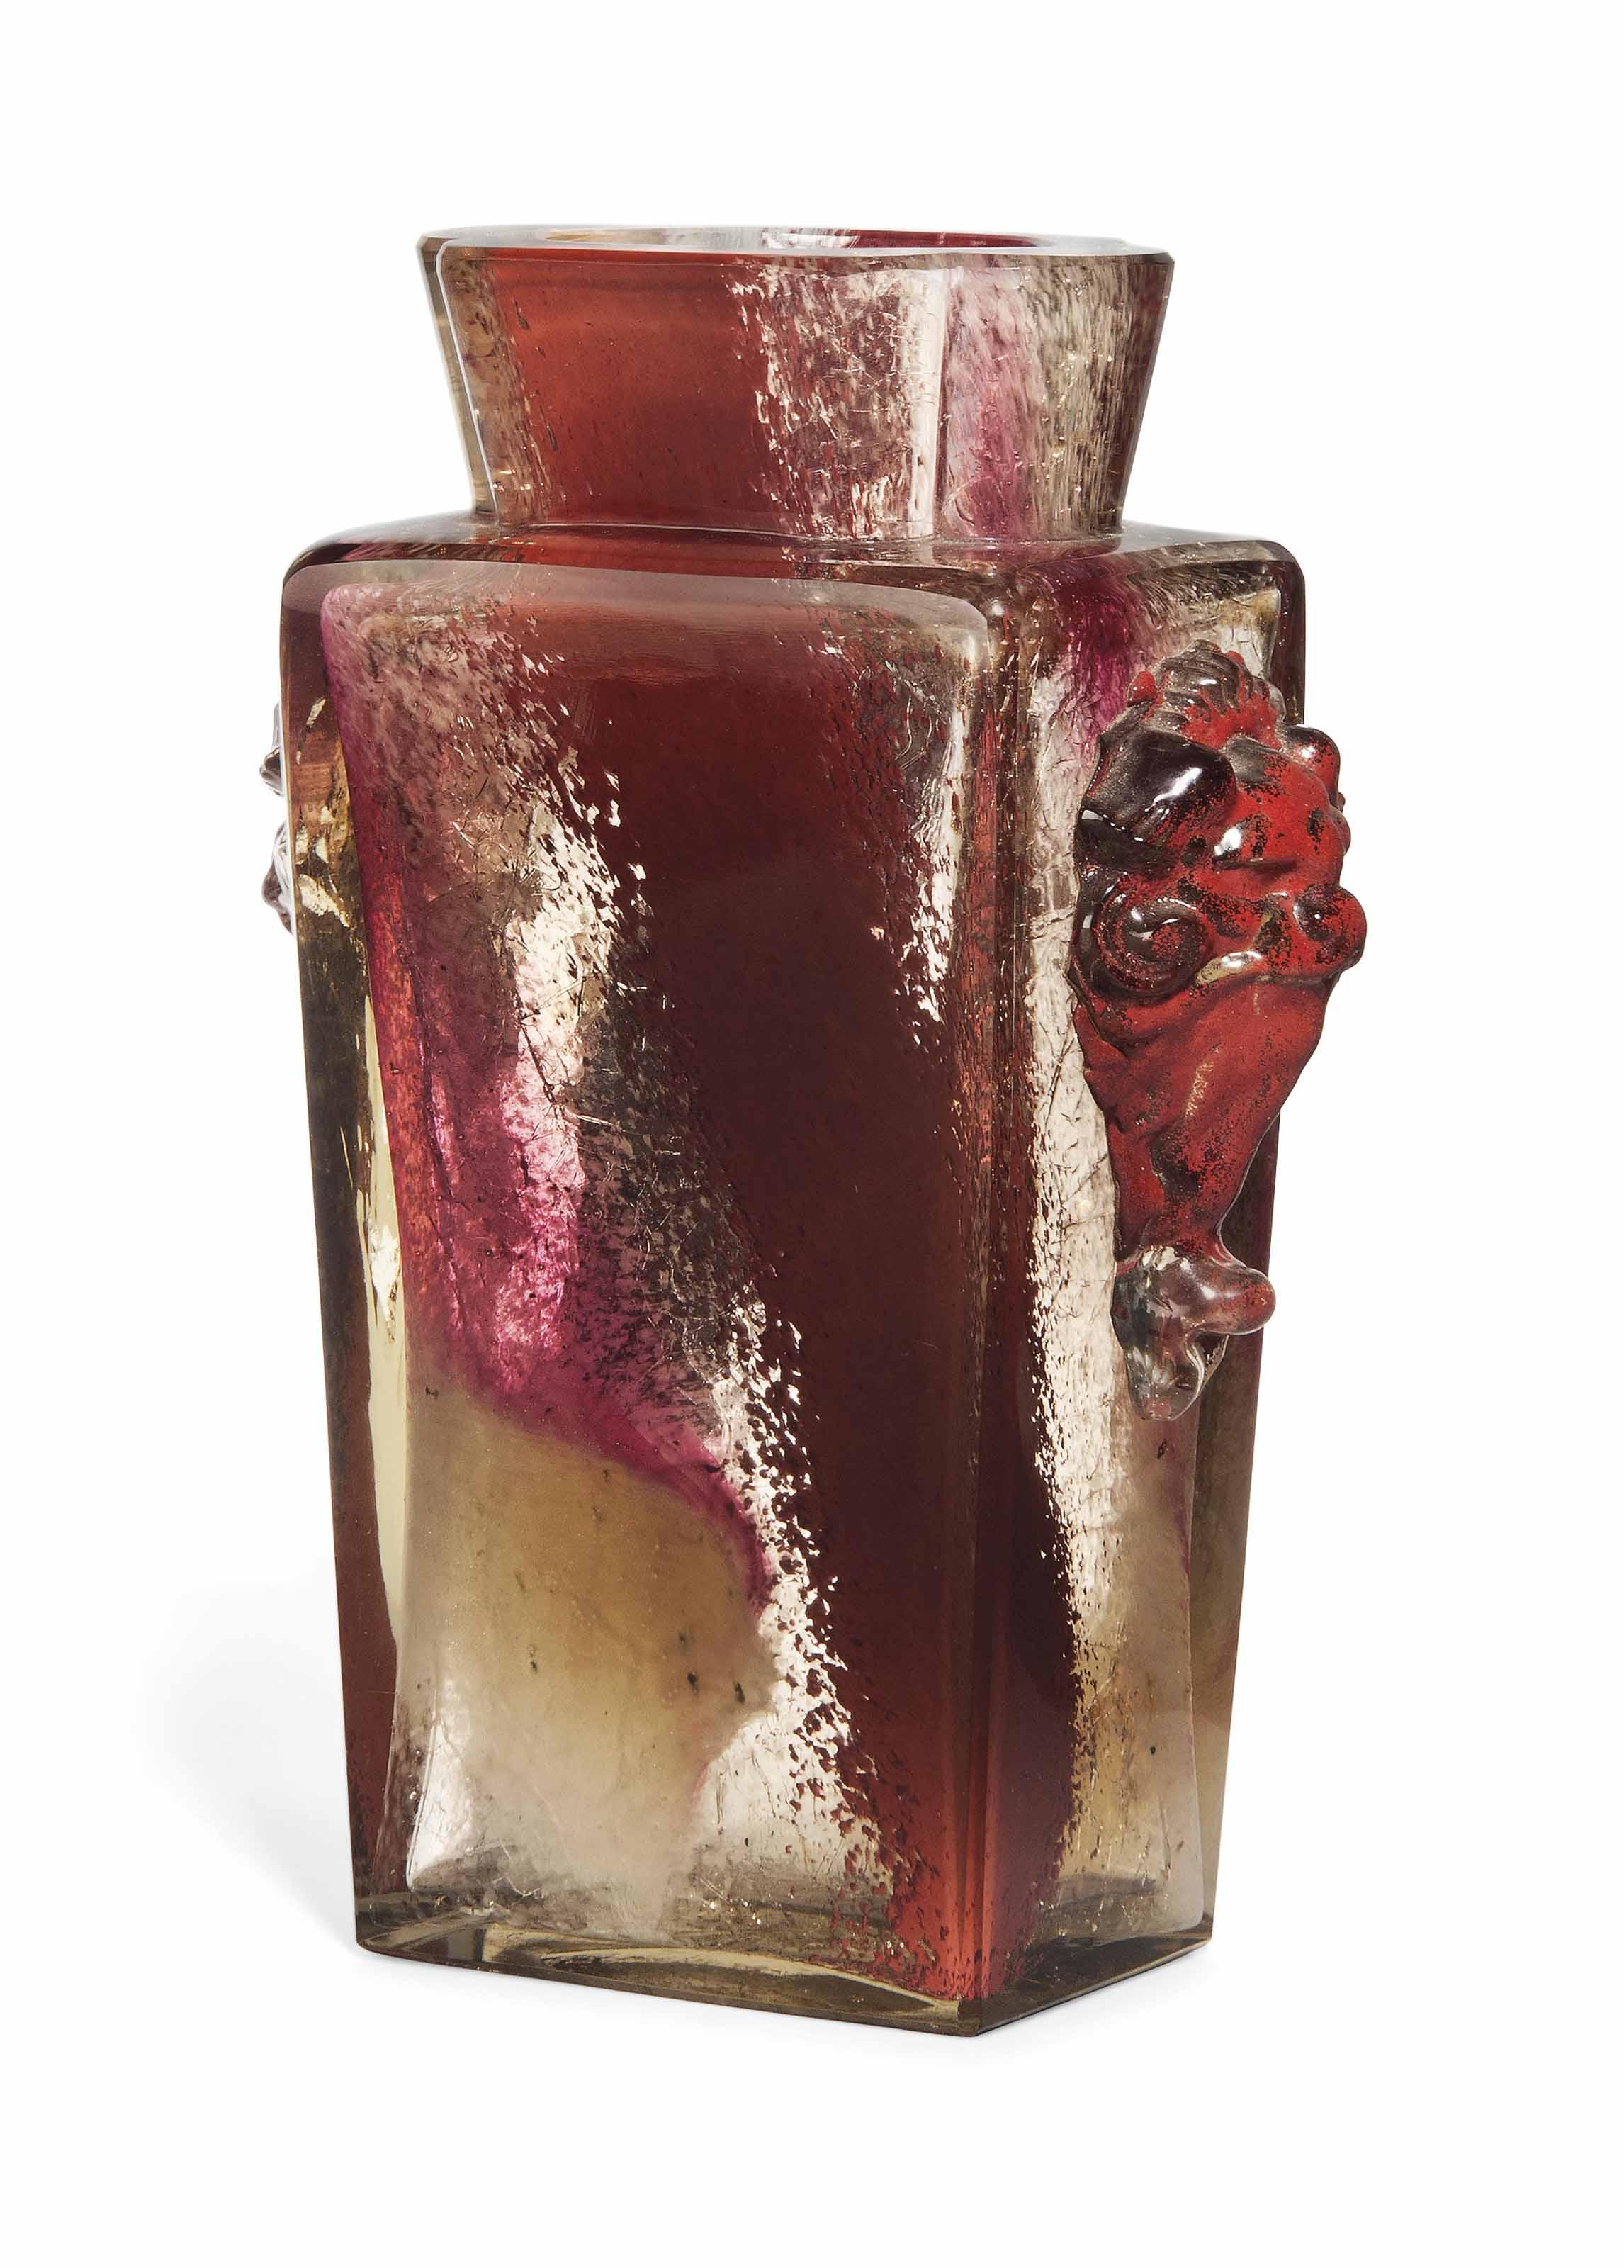 AN ERNEST-BAPTISTE LÉVEILLÉ (1841-1913) CASED AND CRACKLED GLASS VASE OF ORIENTAL INSPIRATION